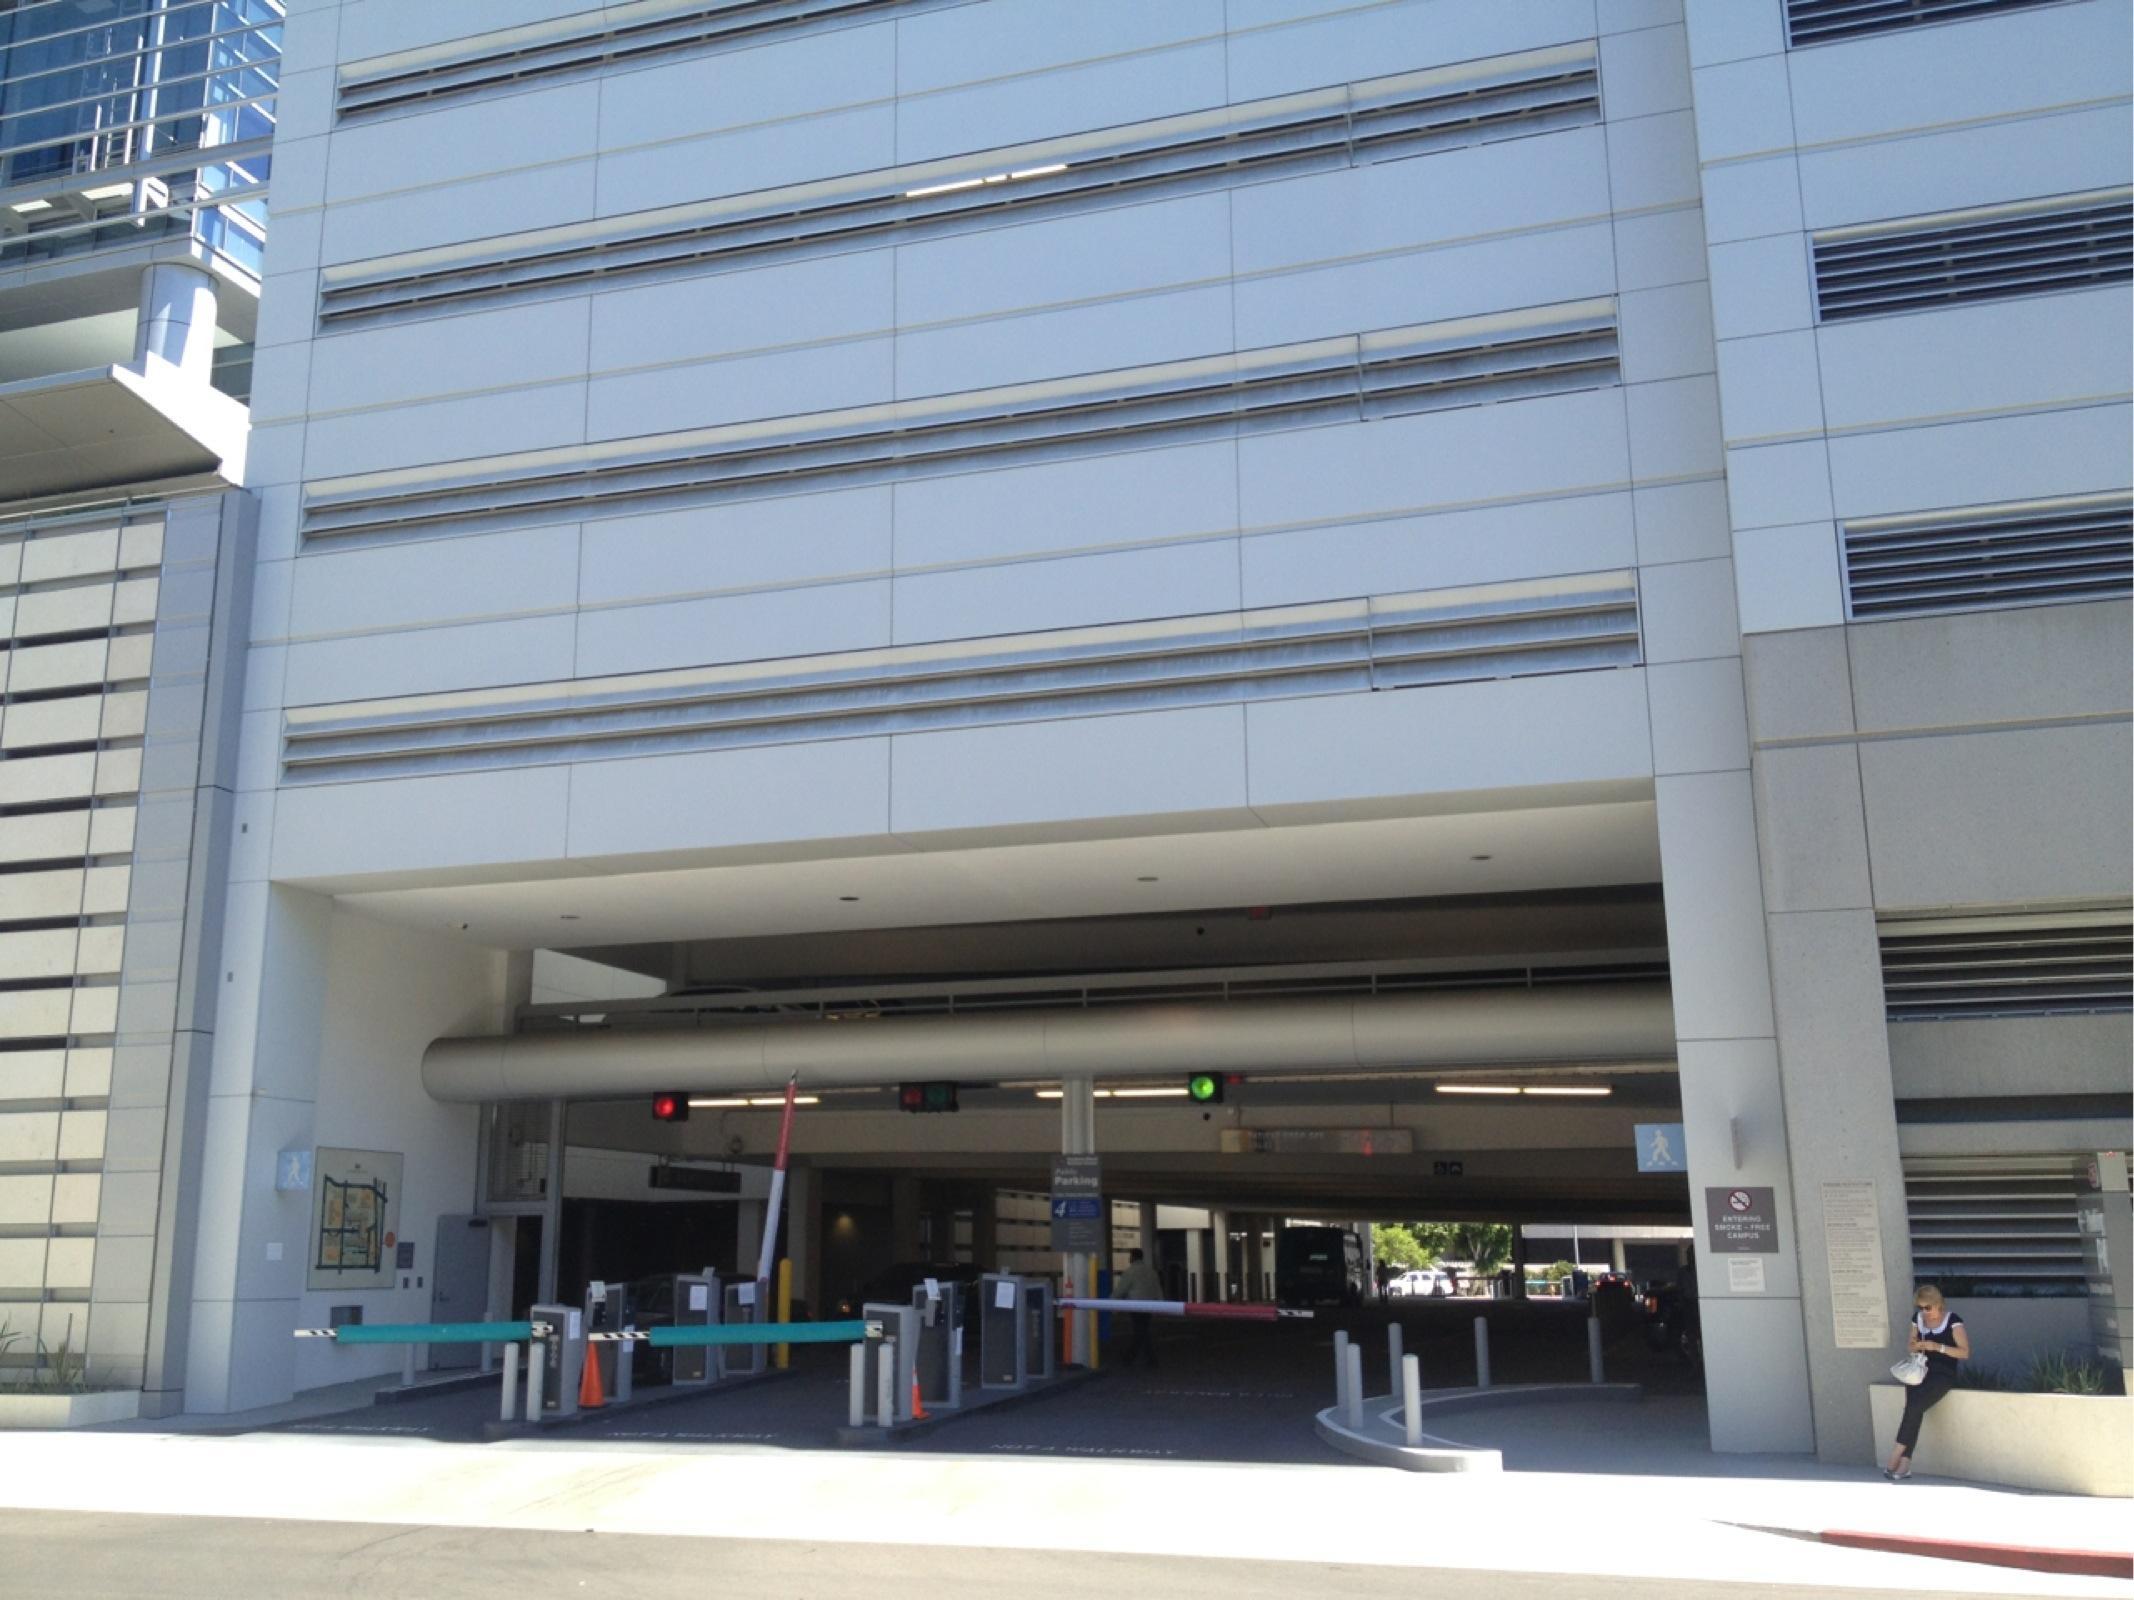 P4 - Parking in Los Angeles | ParkMe